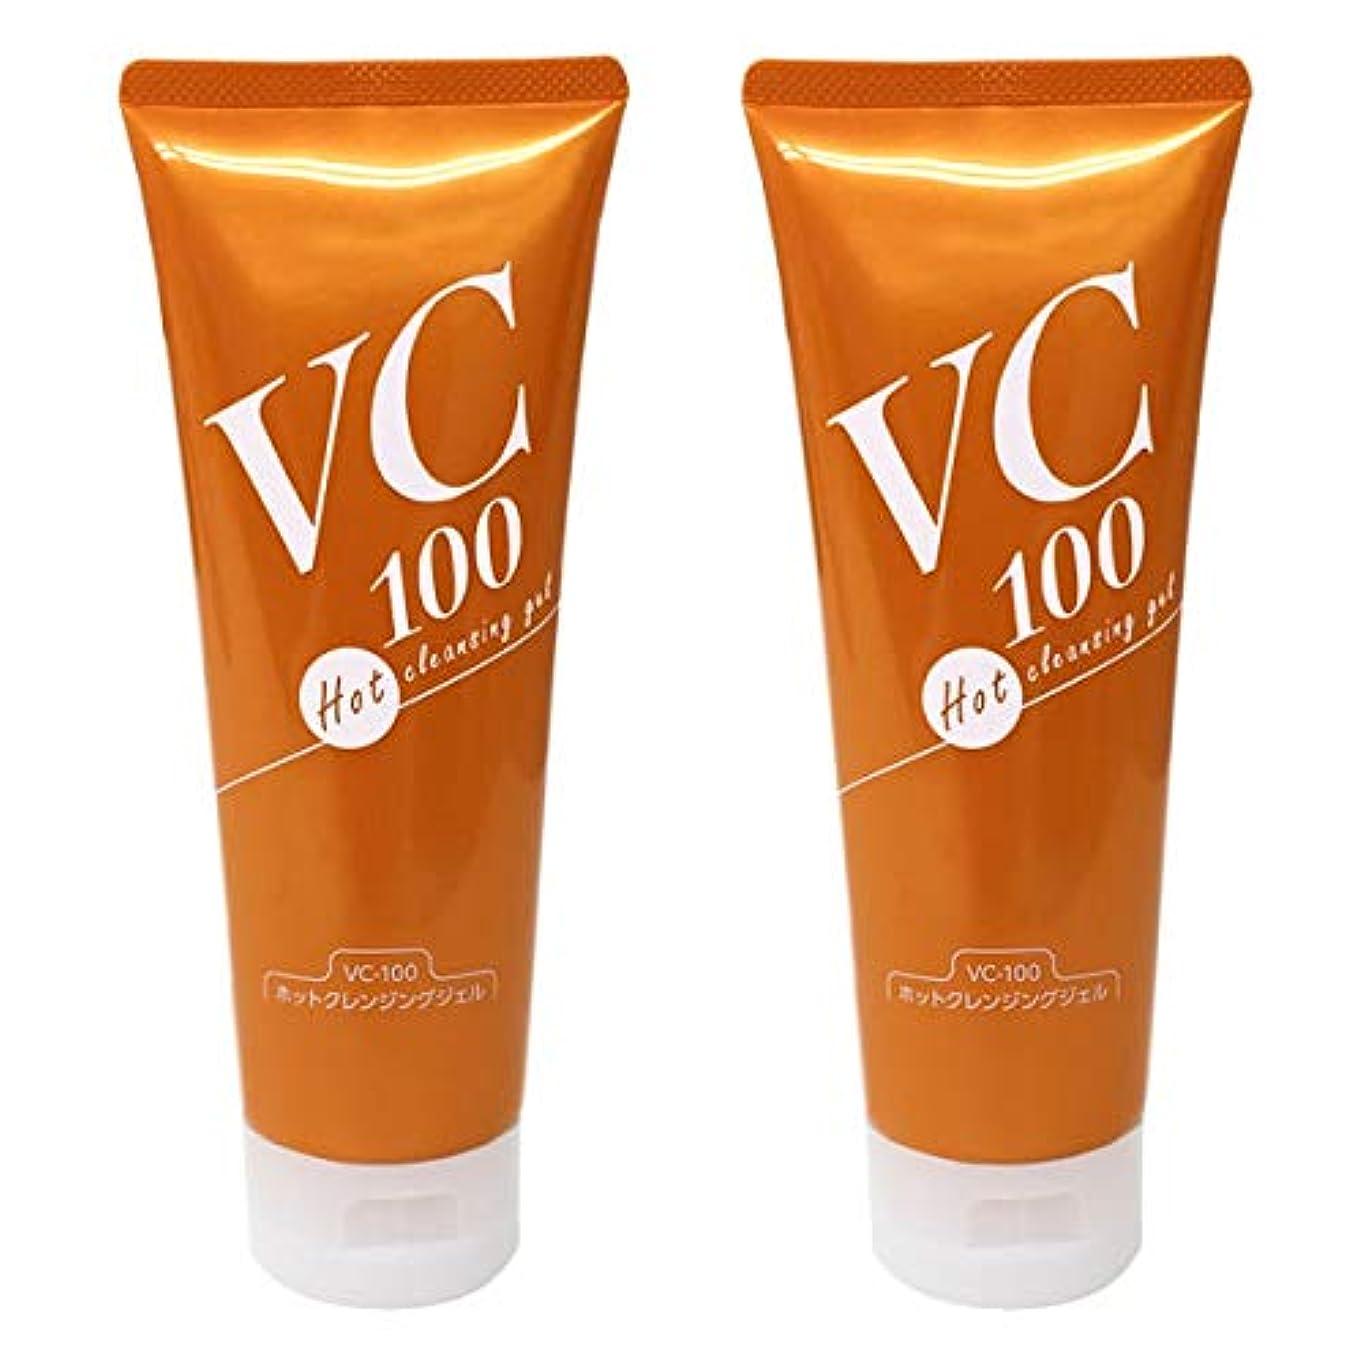 正規化疲労ホラーVC-100ホットクレンジングジェル200g 高浸透型ビタミンC誘導体配合温感クレンジングジェル (2本セット)